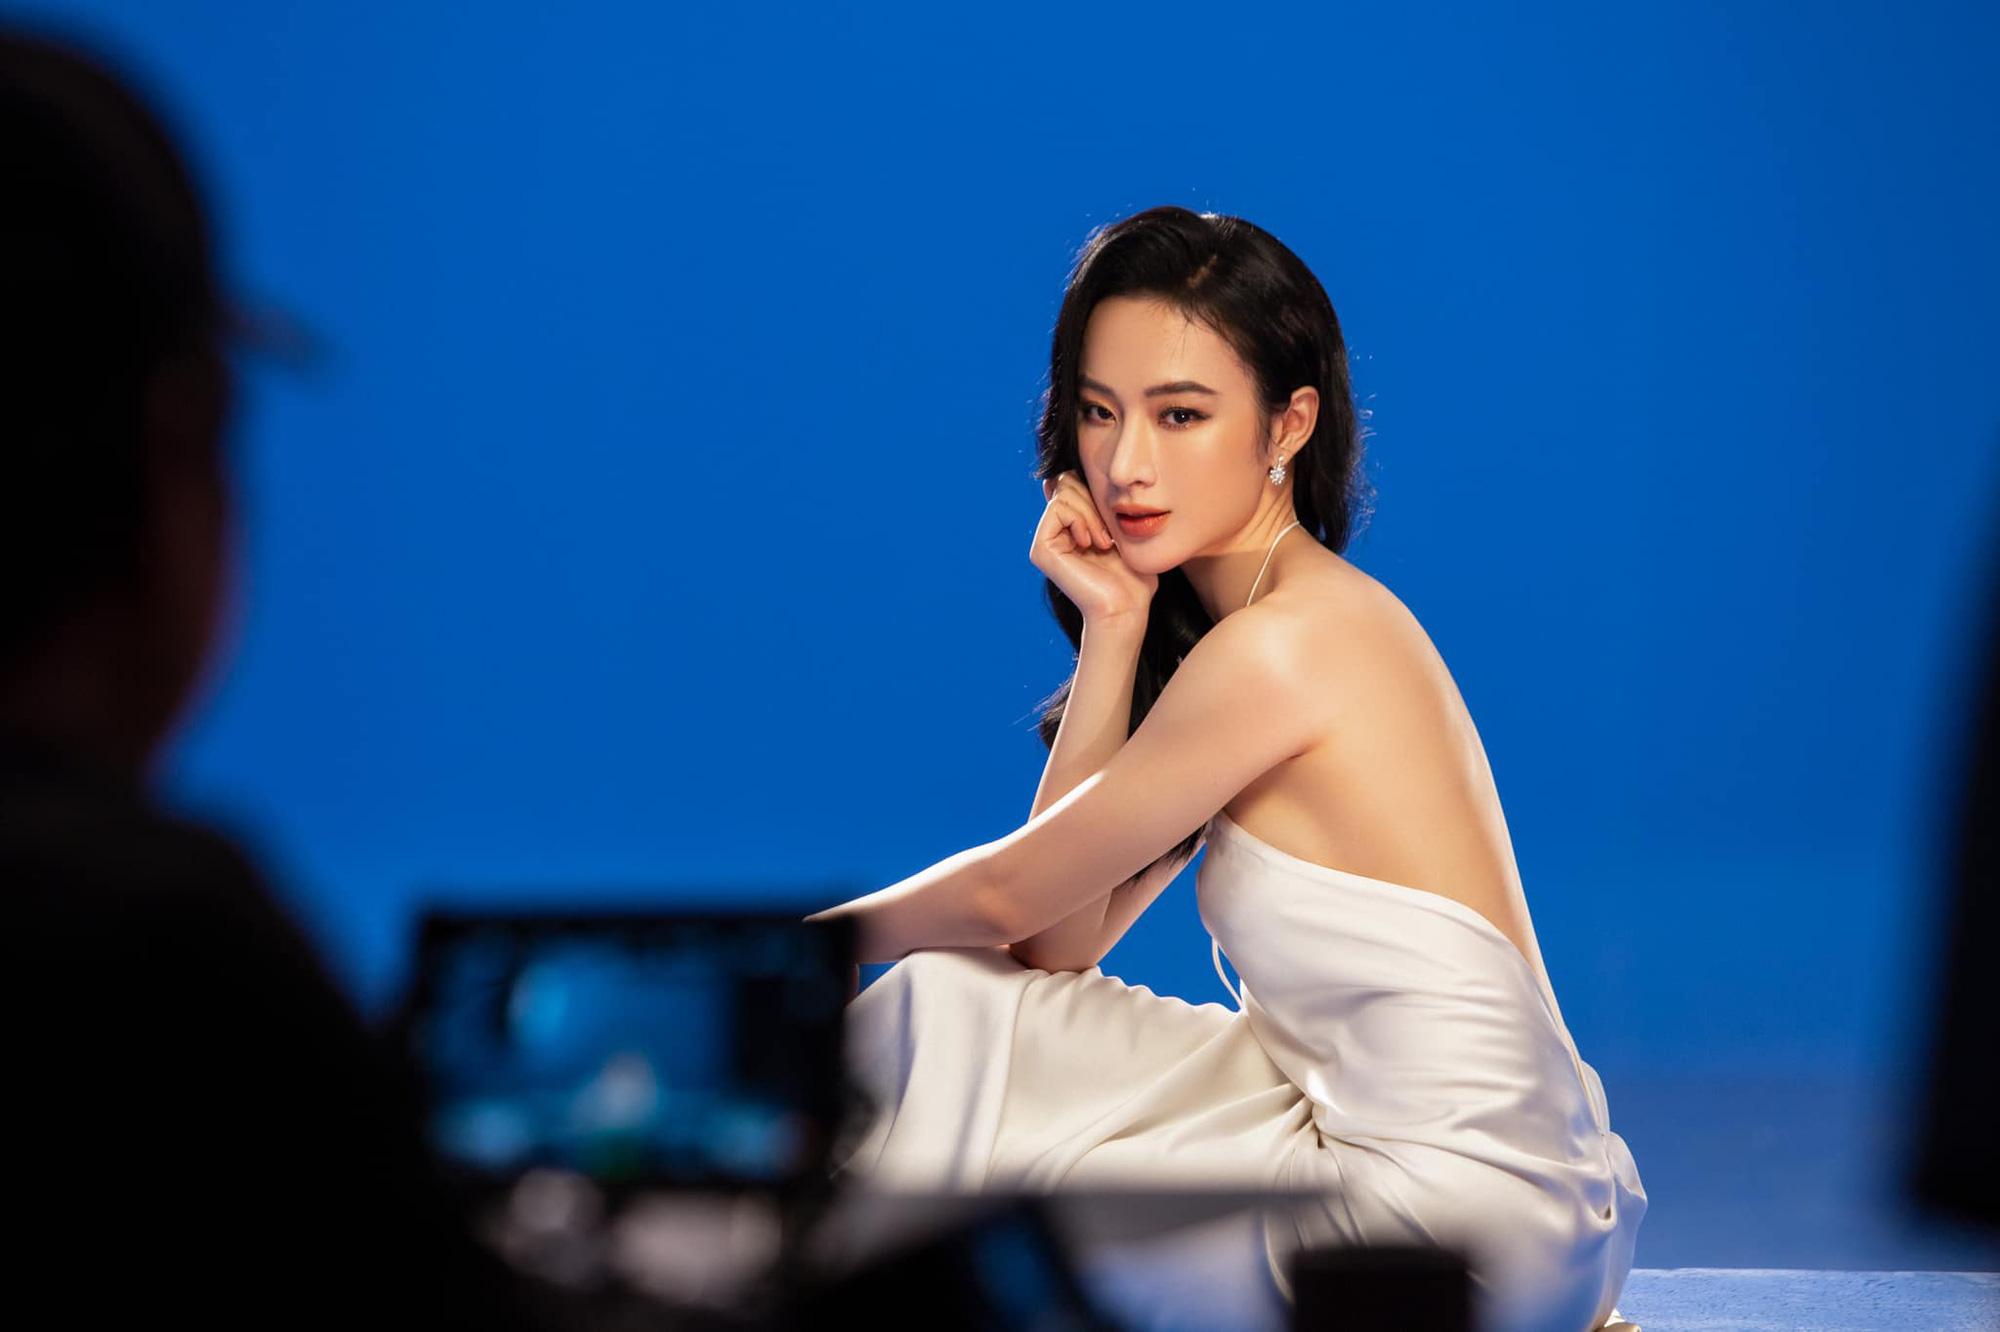 Angela Phương Trinh mặc áo yếm đẹp tựa nữ thần sau clip táo bạo dưới nước - Ảnh 1.